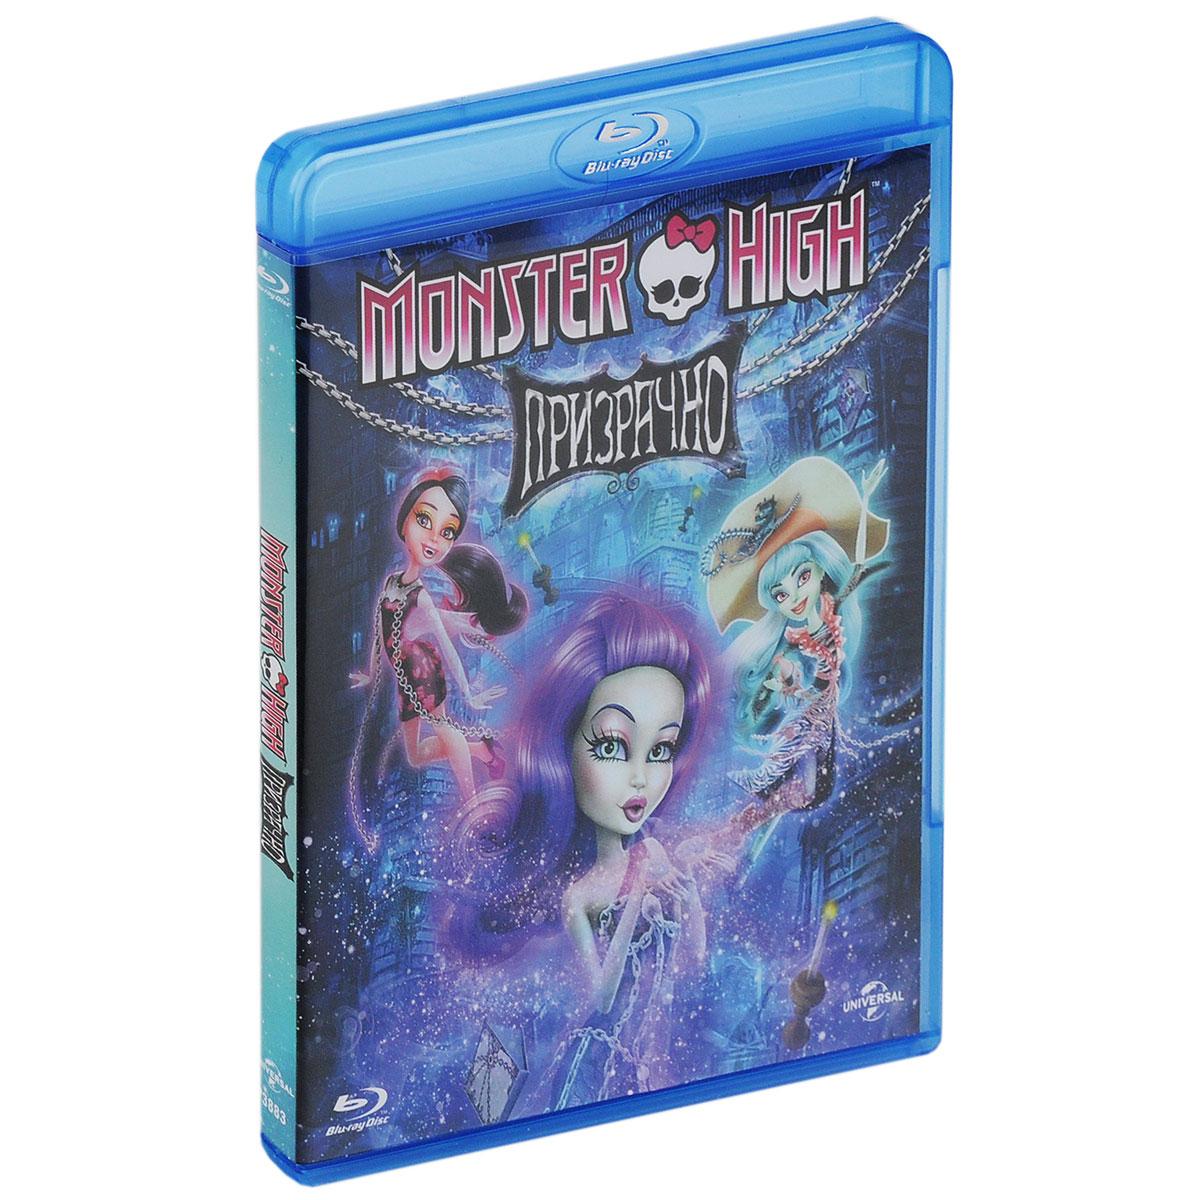 Monster High: Призрачно (Blu-ray)Страшно представить, какие захватывающие приключения ждут девочек из Школы монстров в стенах таинственной Школы призраков! Монстряшки под предводительством Спектры Вондергейст случайно попадают в параллельный Мир Духов и их особую школу, которой руководит строгая Директор-Призрак. Она удерживает Спектру среди призраков, не позволяя ей вернуться домой. Пришло время ужасно прекрасным подружкам бросить вызов духам, чтобы спасти одну из них от полного исчезновения!